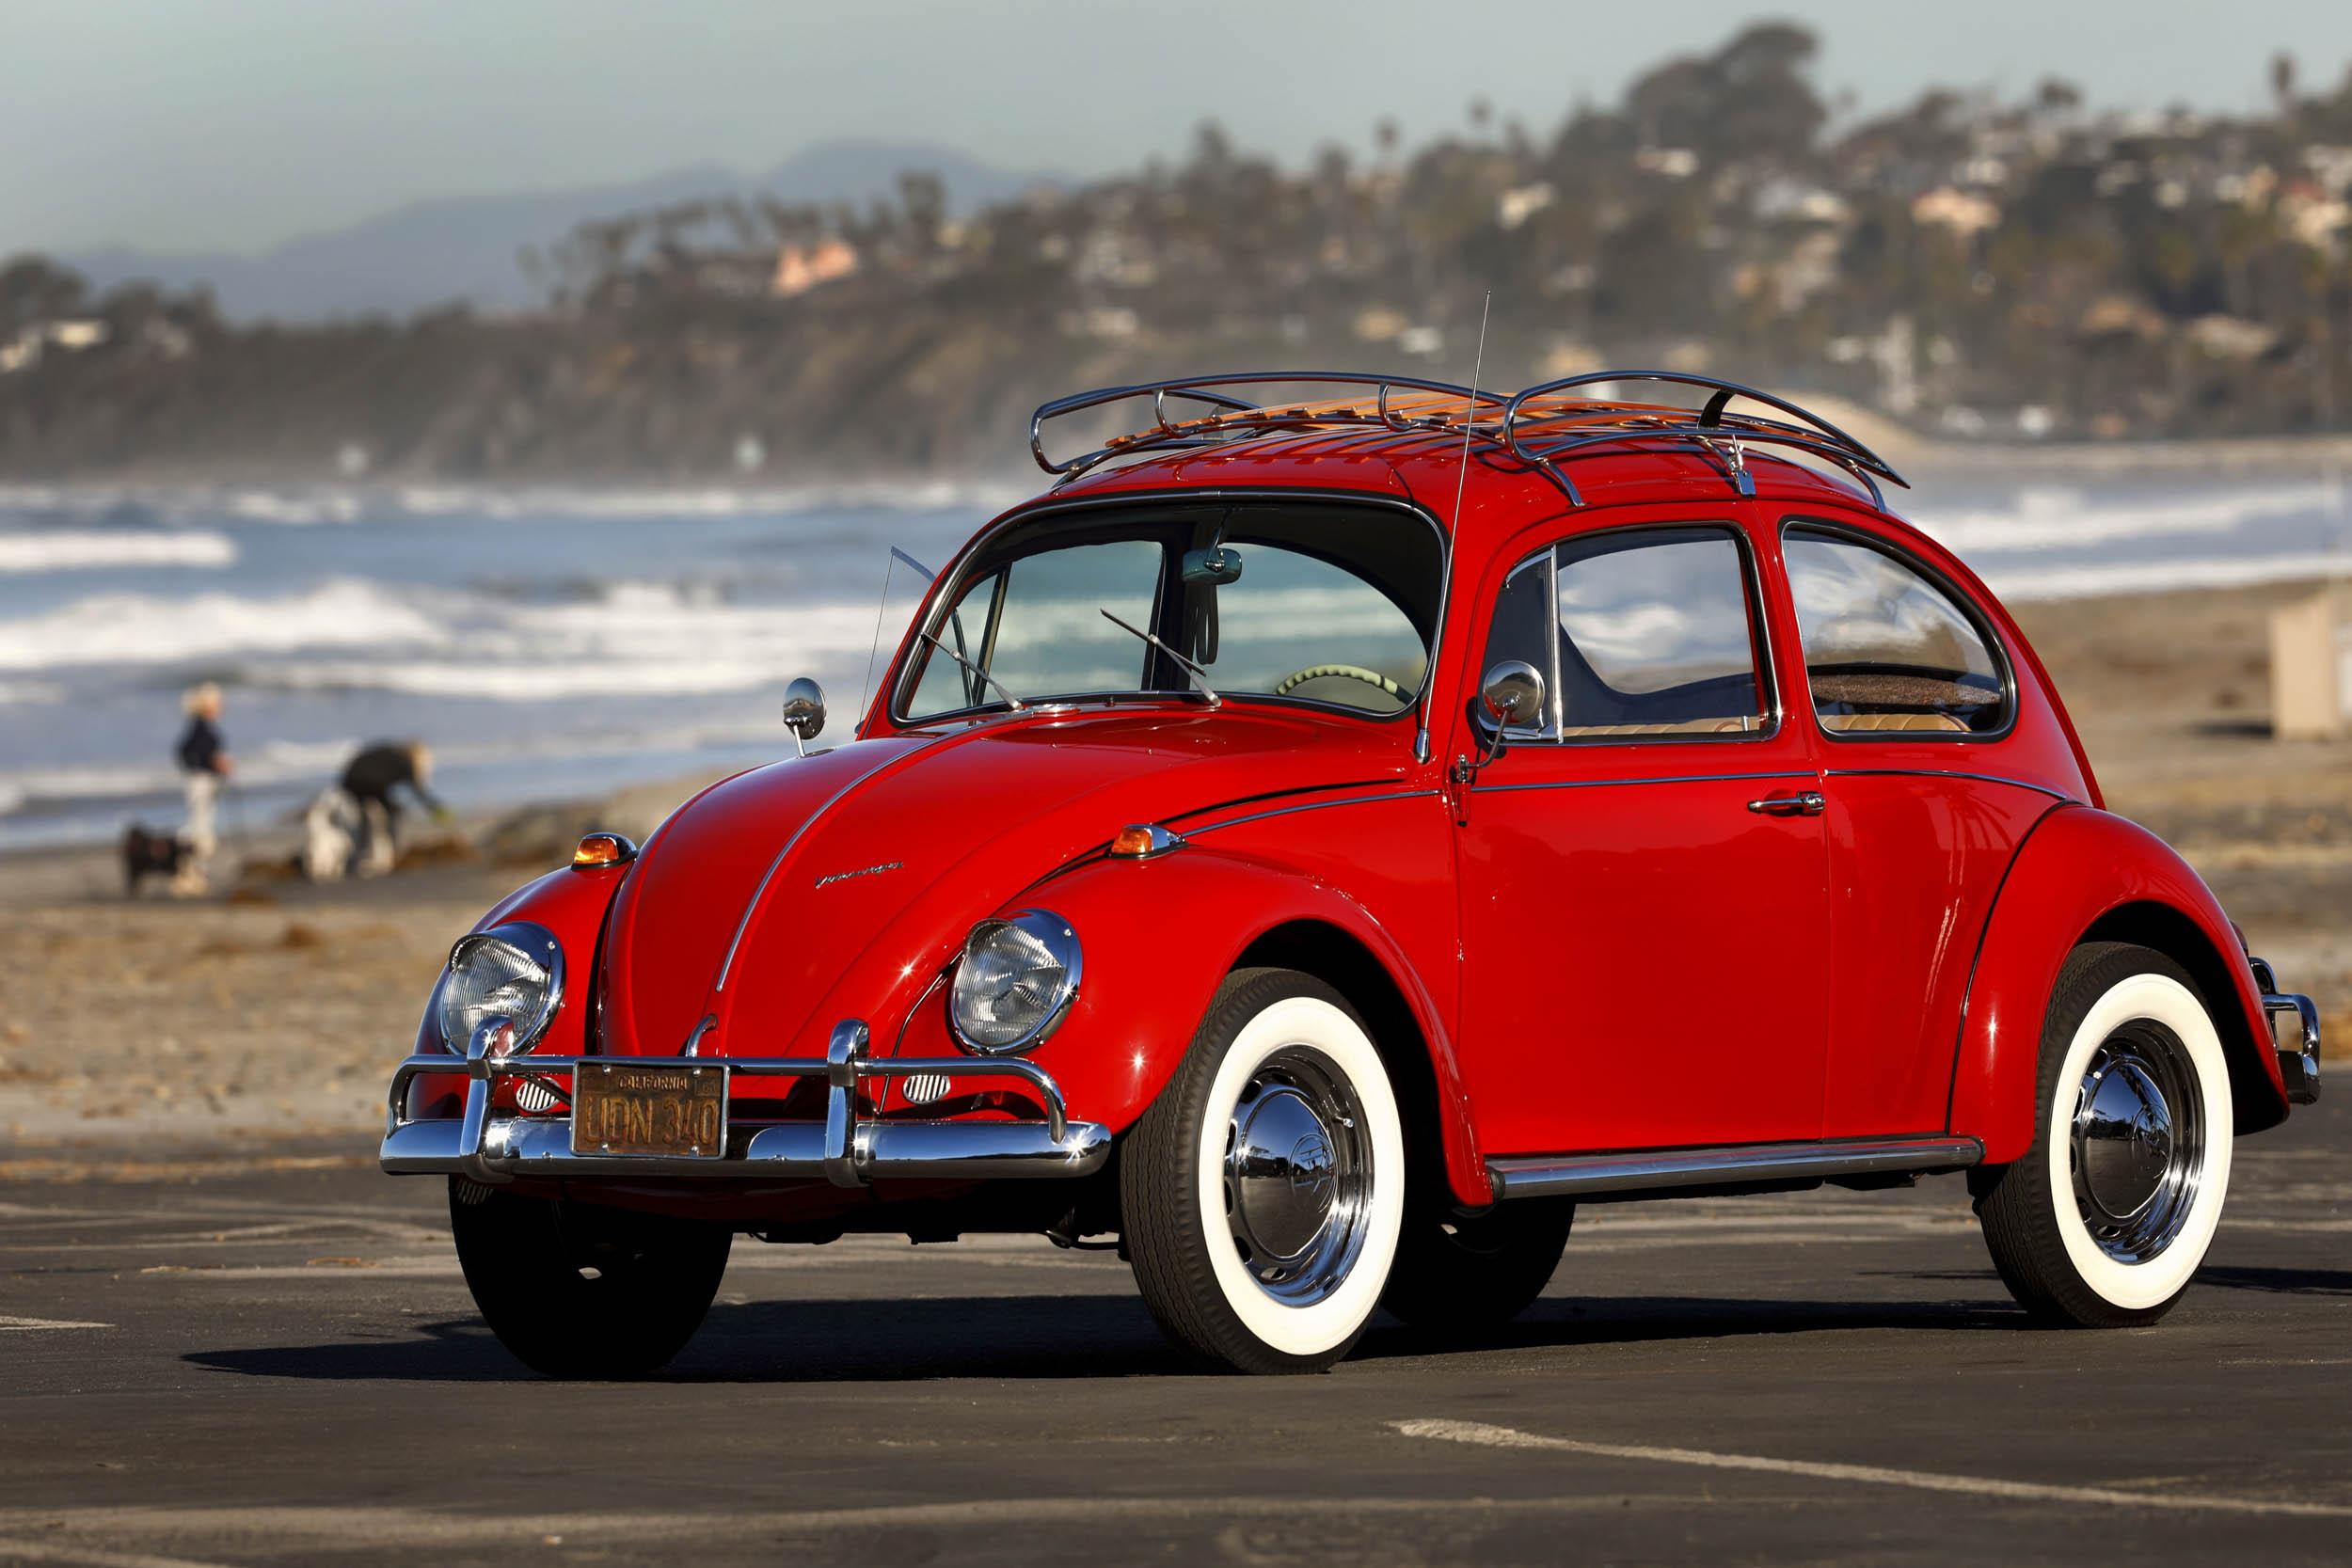 1967 Volkswagen Beetle front 3/4